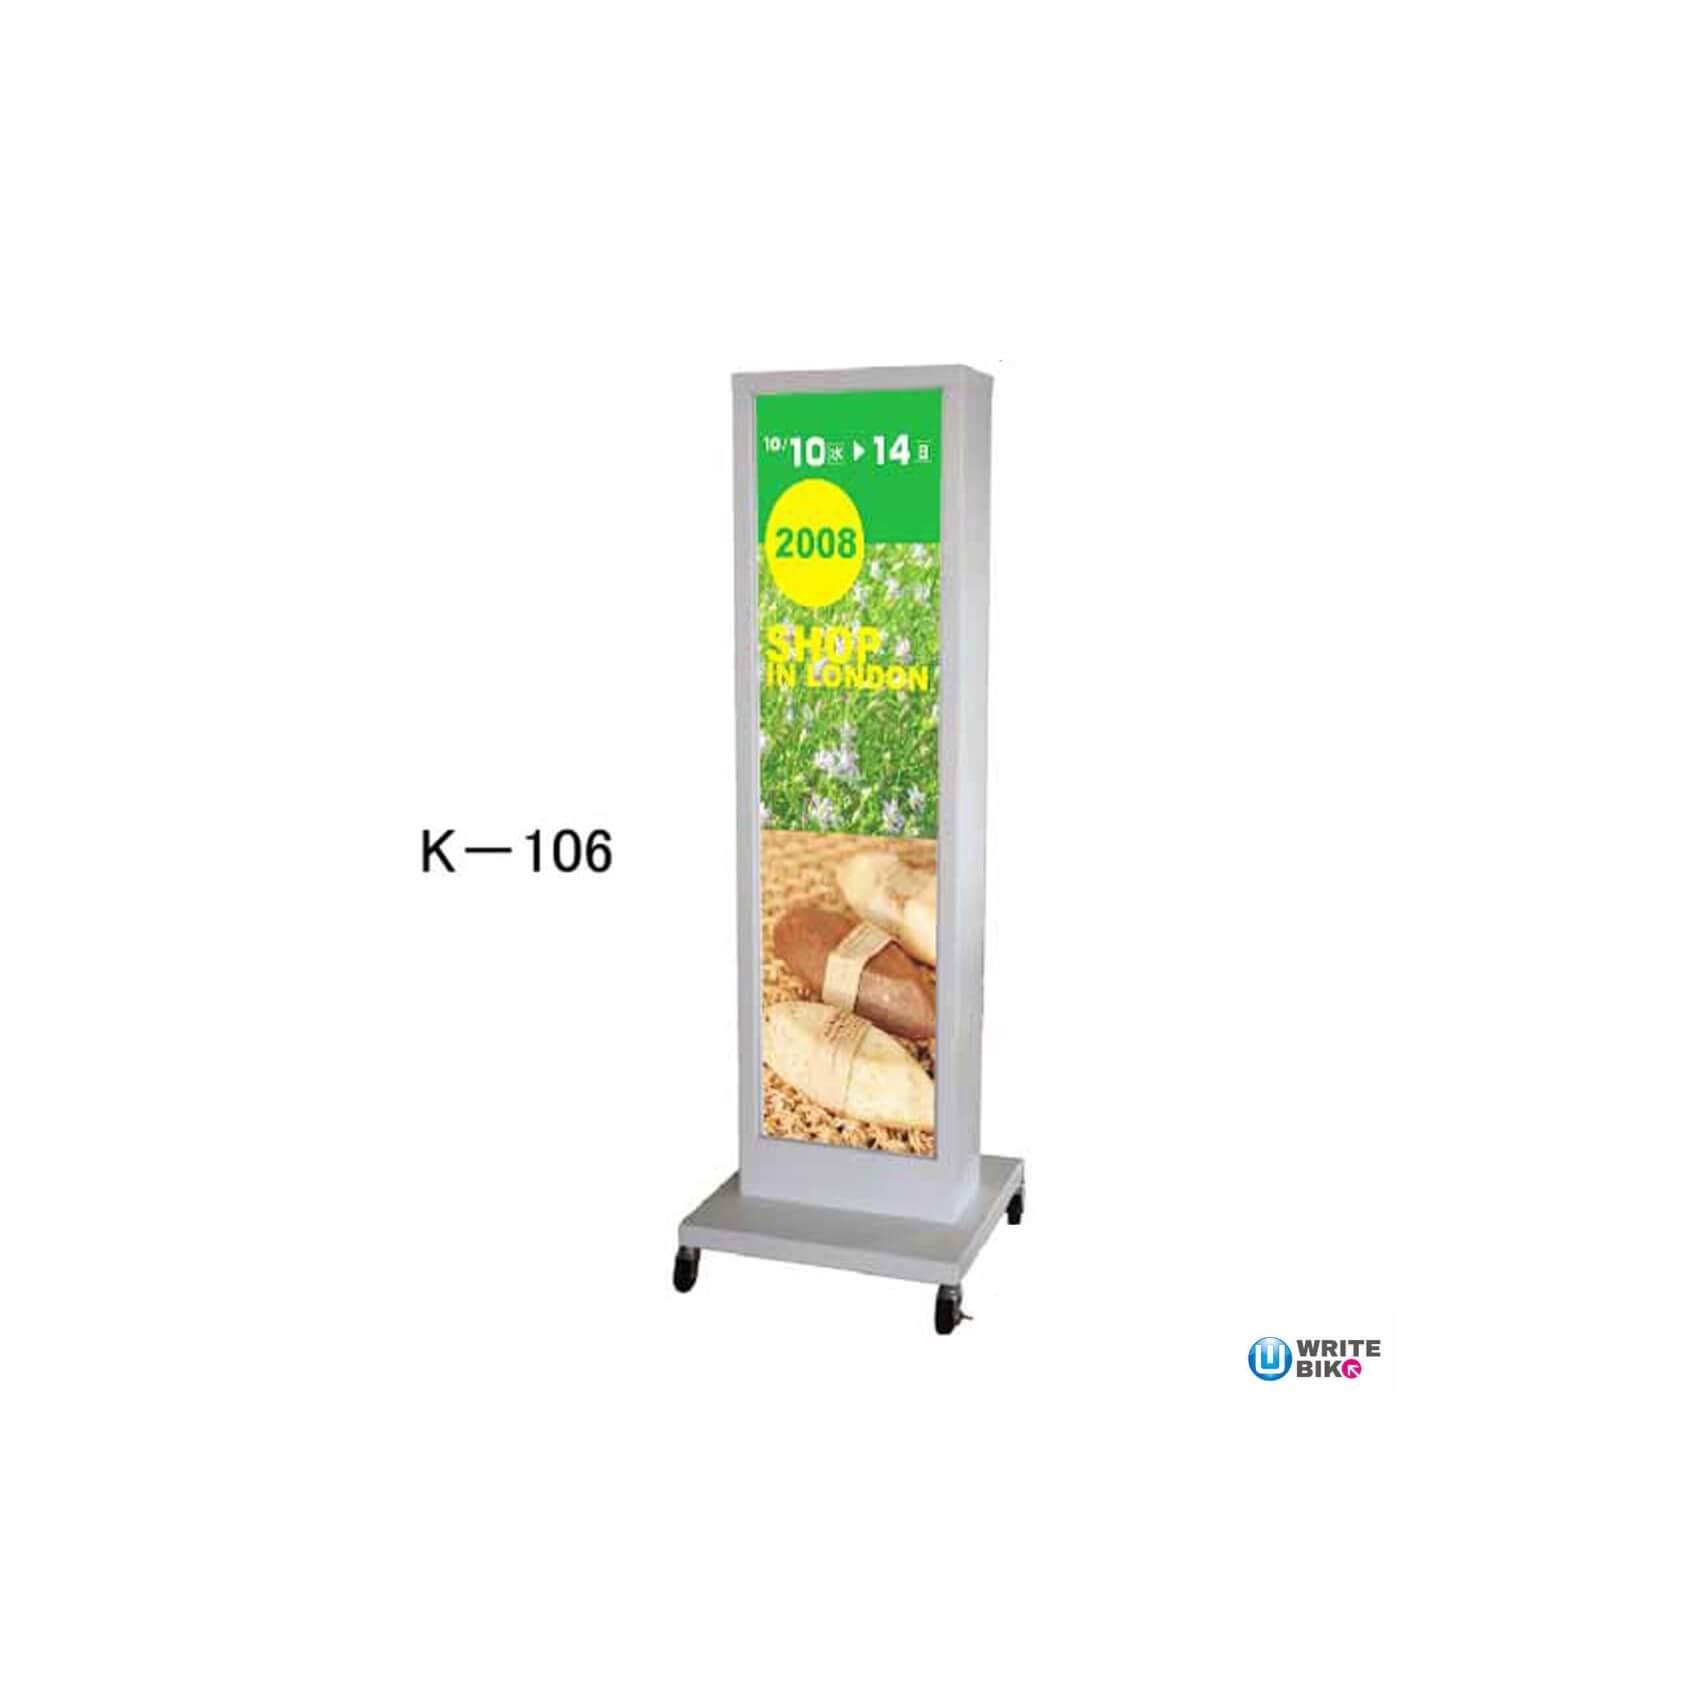 電飾看板のK-106